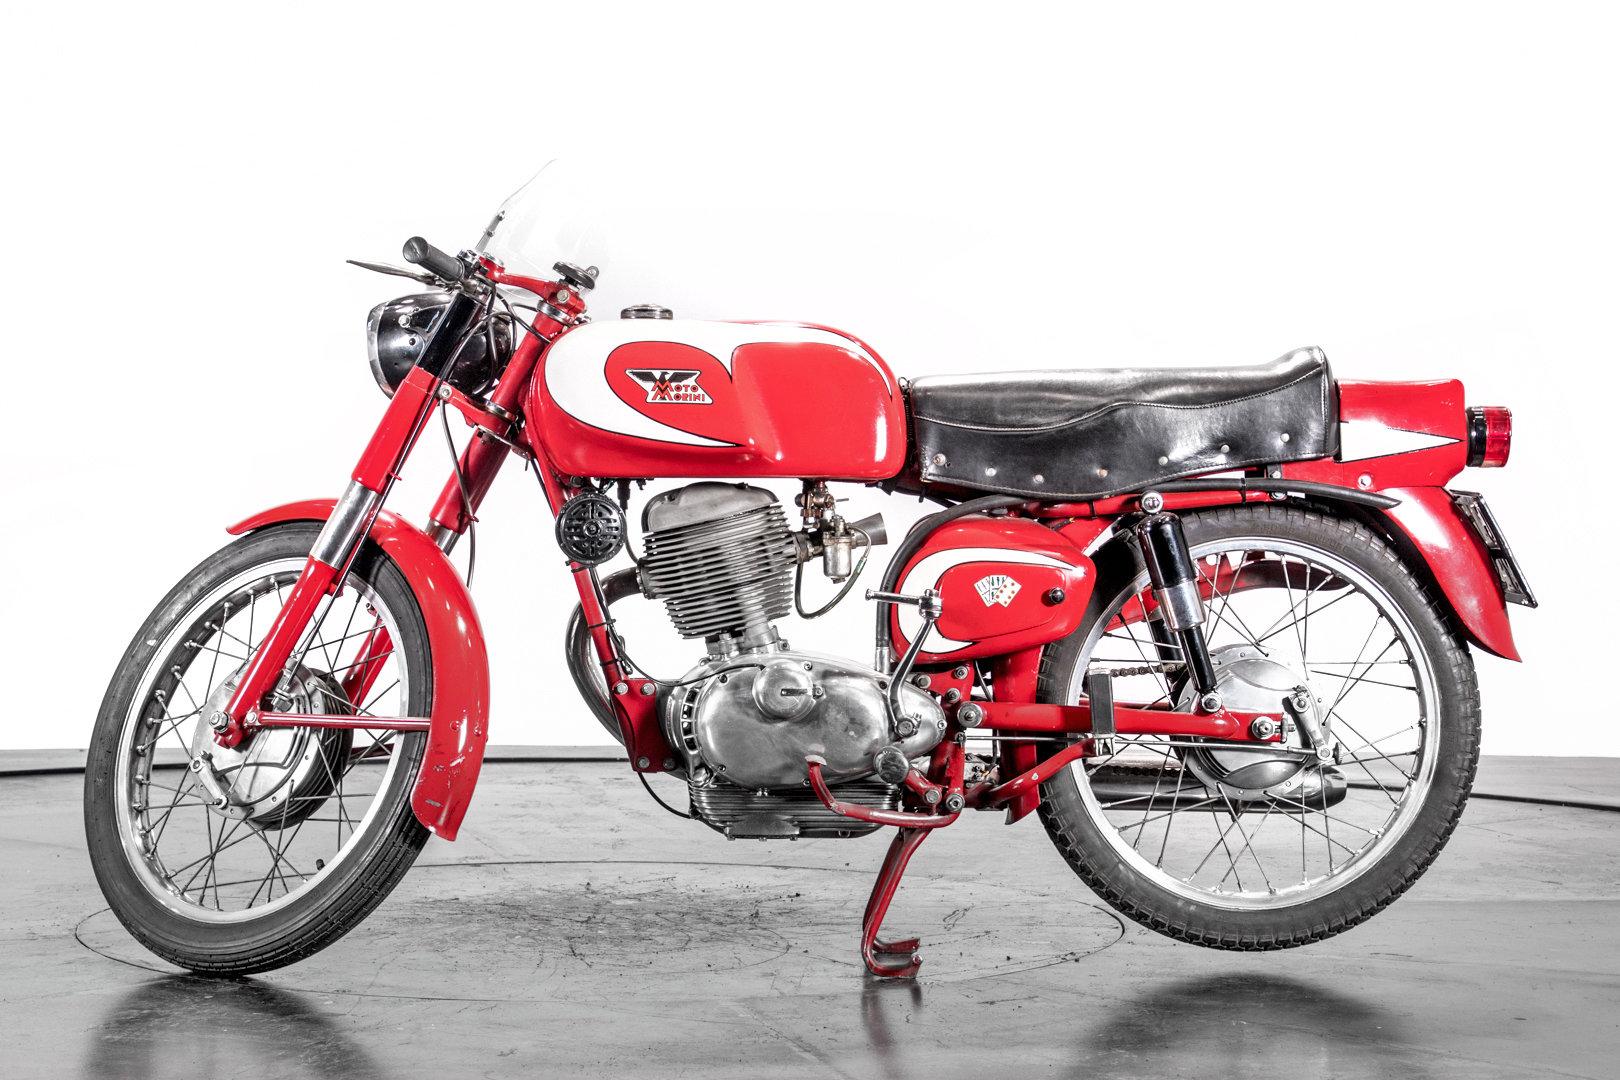 MOTO MORINI - 175 - 1957 For Sale (picture 1 of 6)